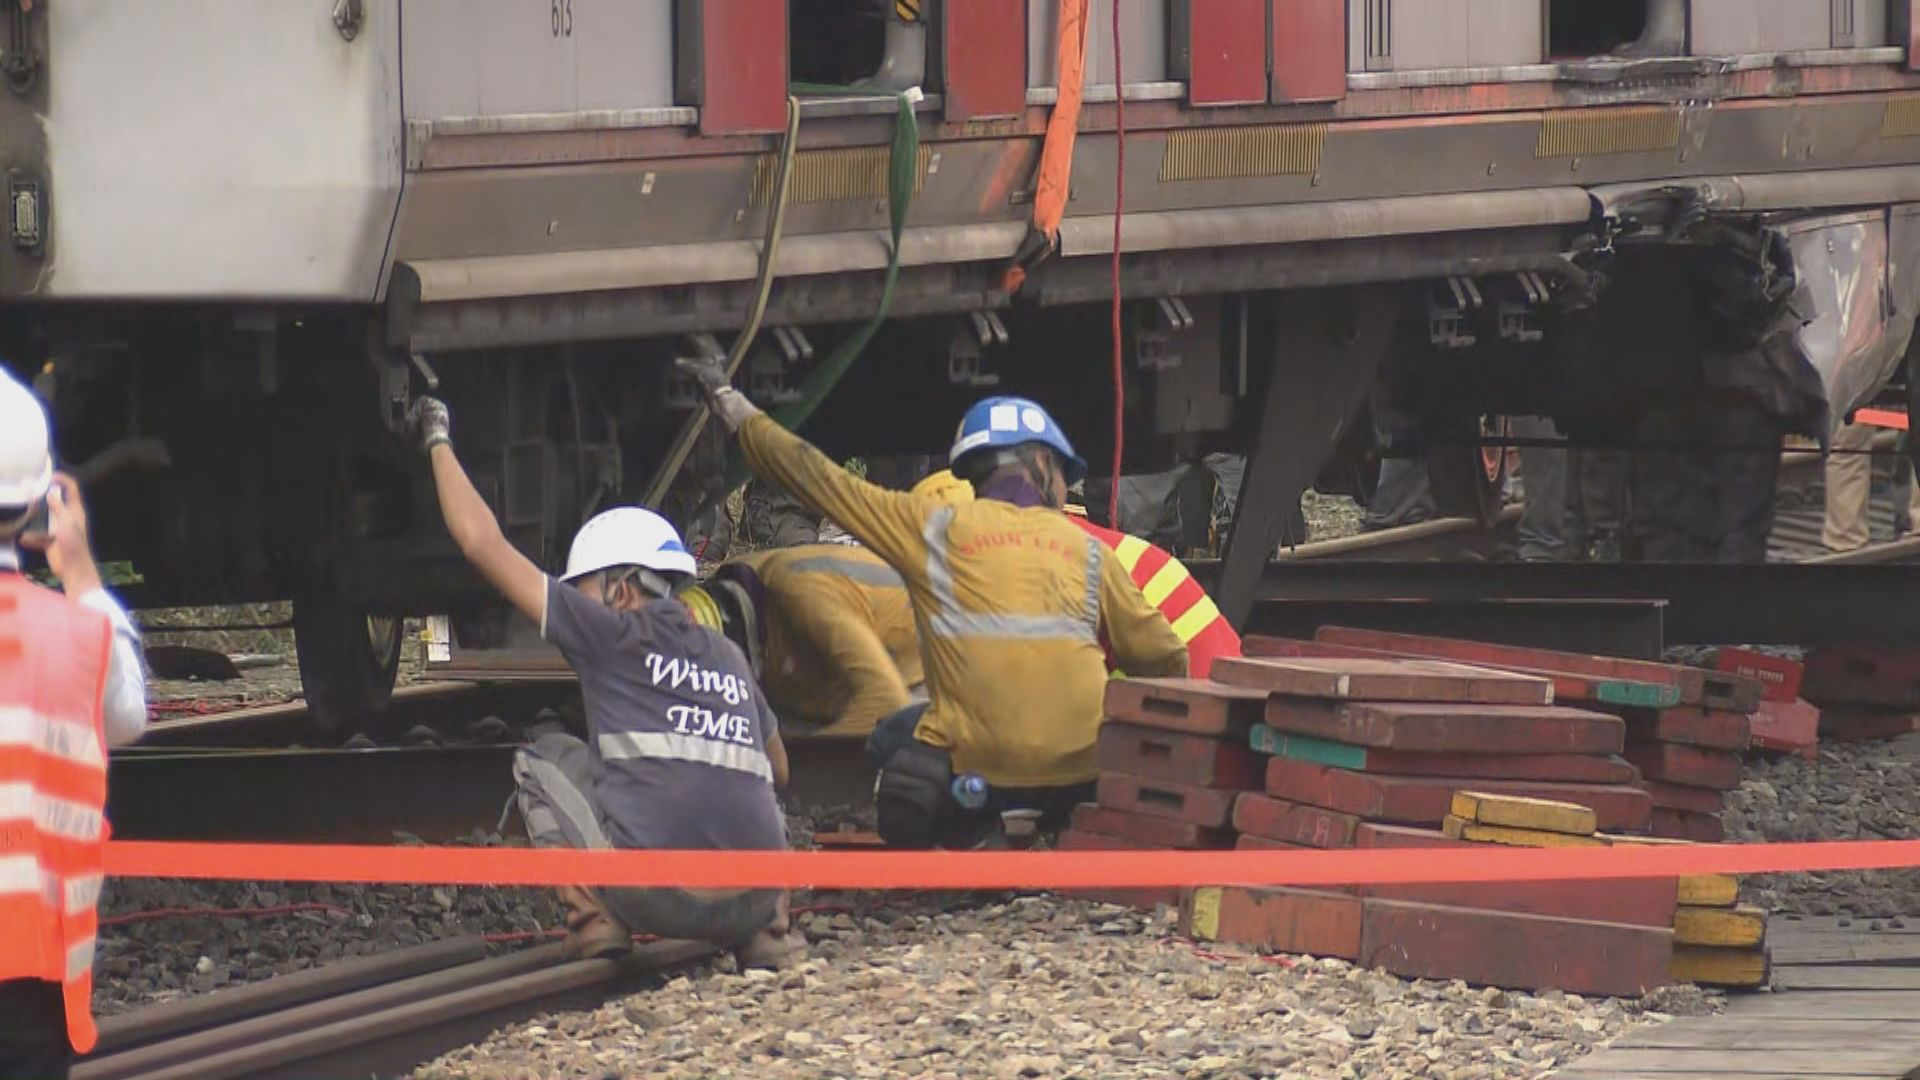 港鐵稱路軌裂痕未知是否與出軌有關